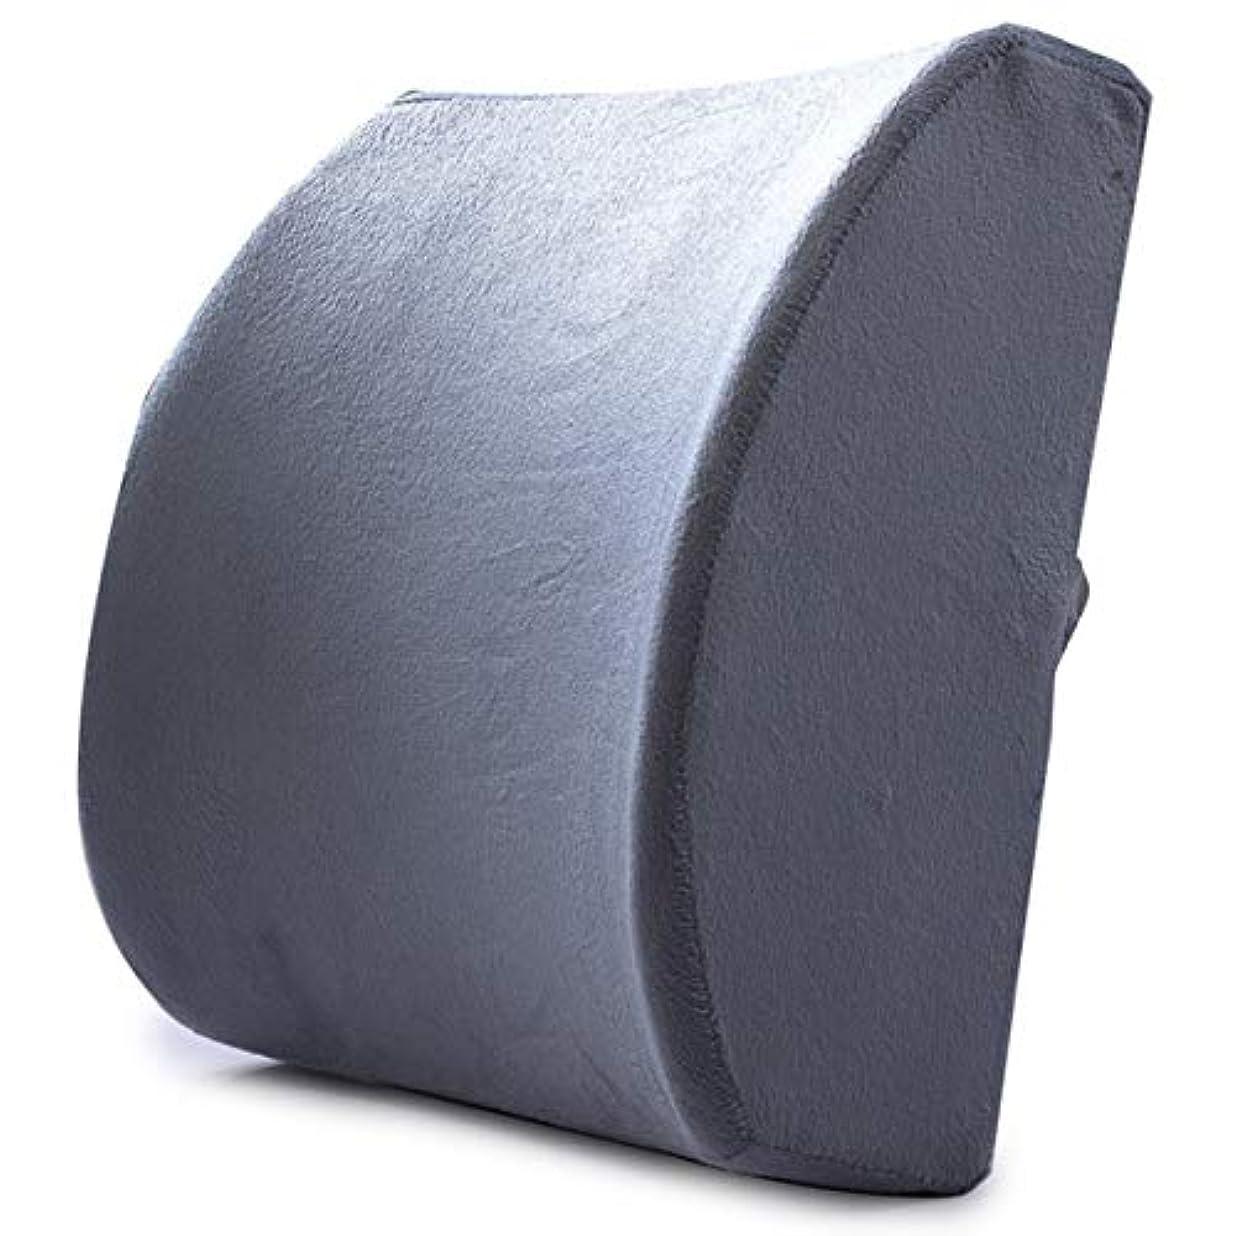 適切なメイド通行人Memory Foam Lumbar Support Waist Cushion Pillow For Chairs in the Car Seat Pillows Home Office Relieve Pain